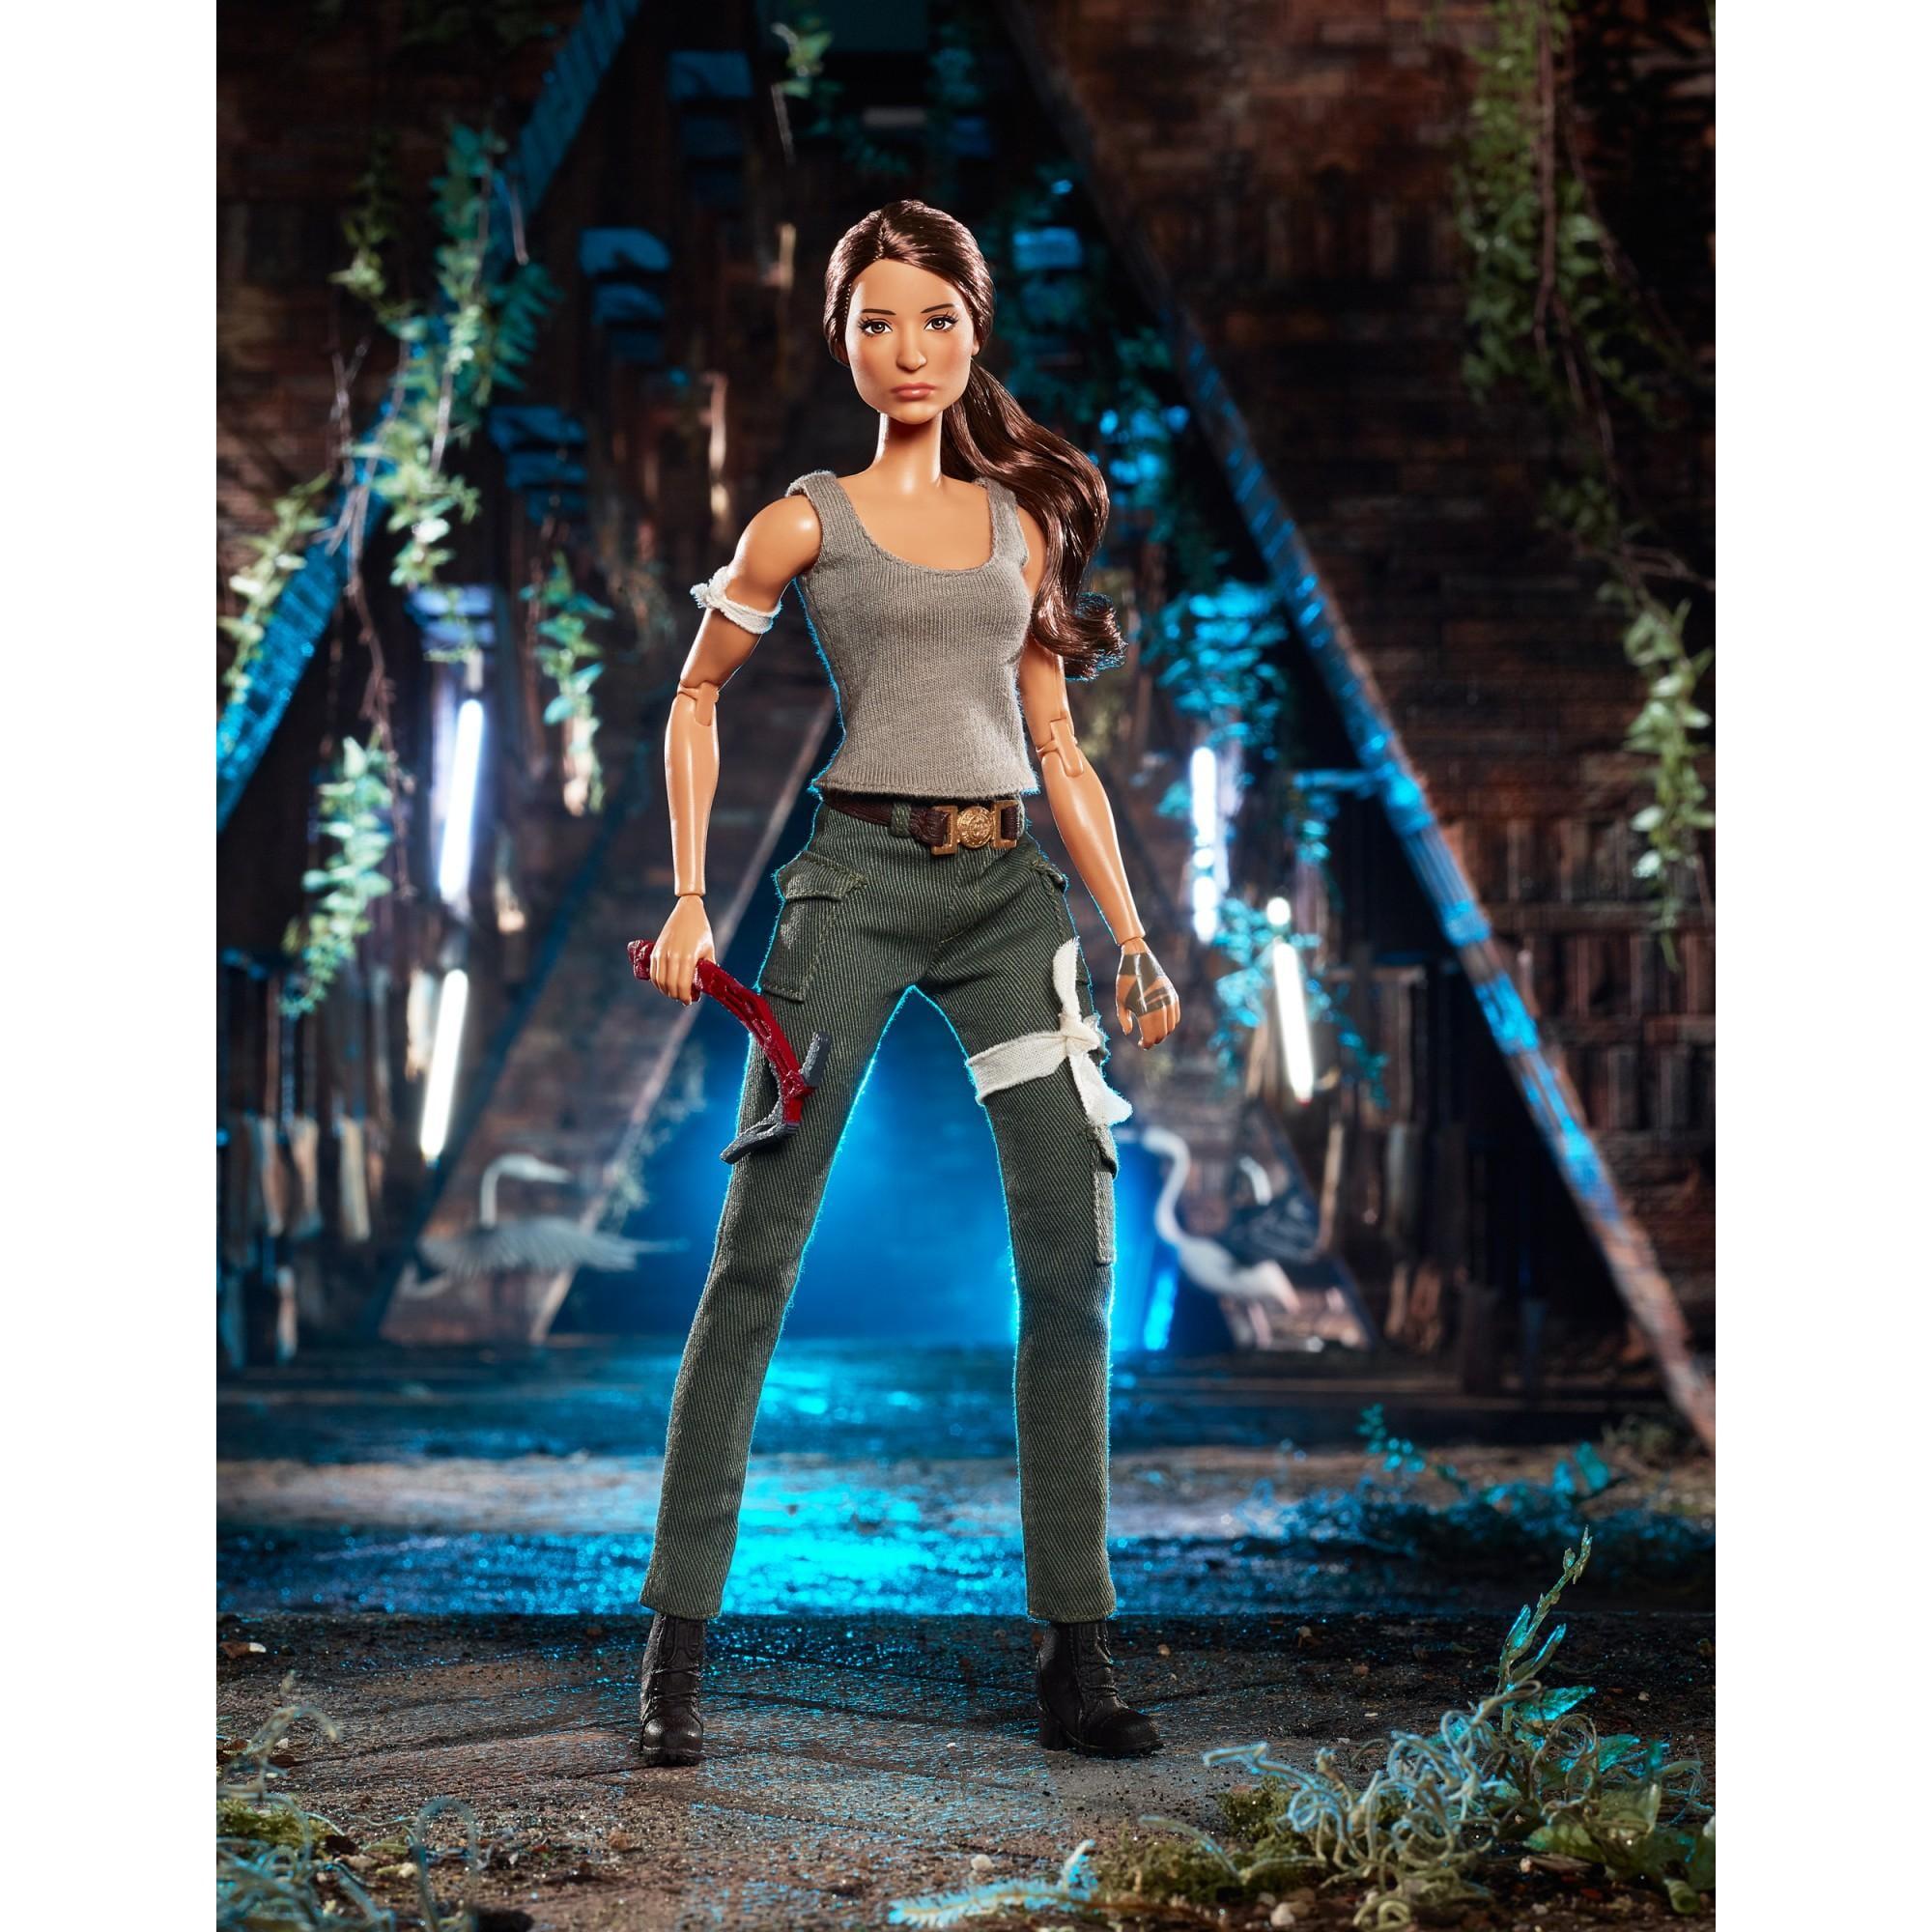 Barbie Tomb Raider Lara Croft Doll by Mattel